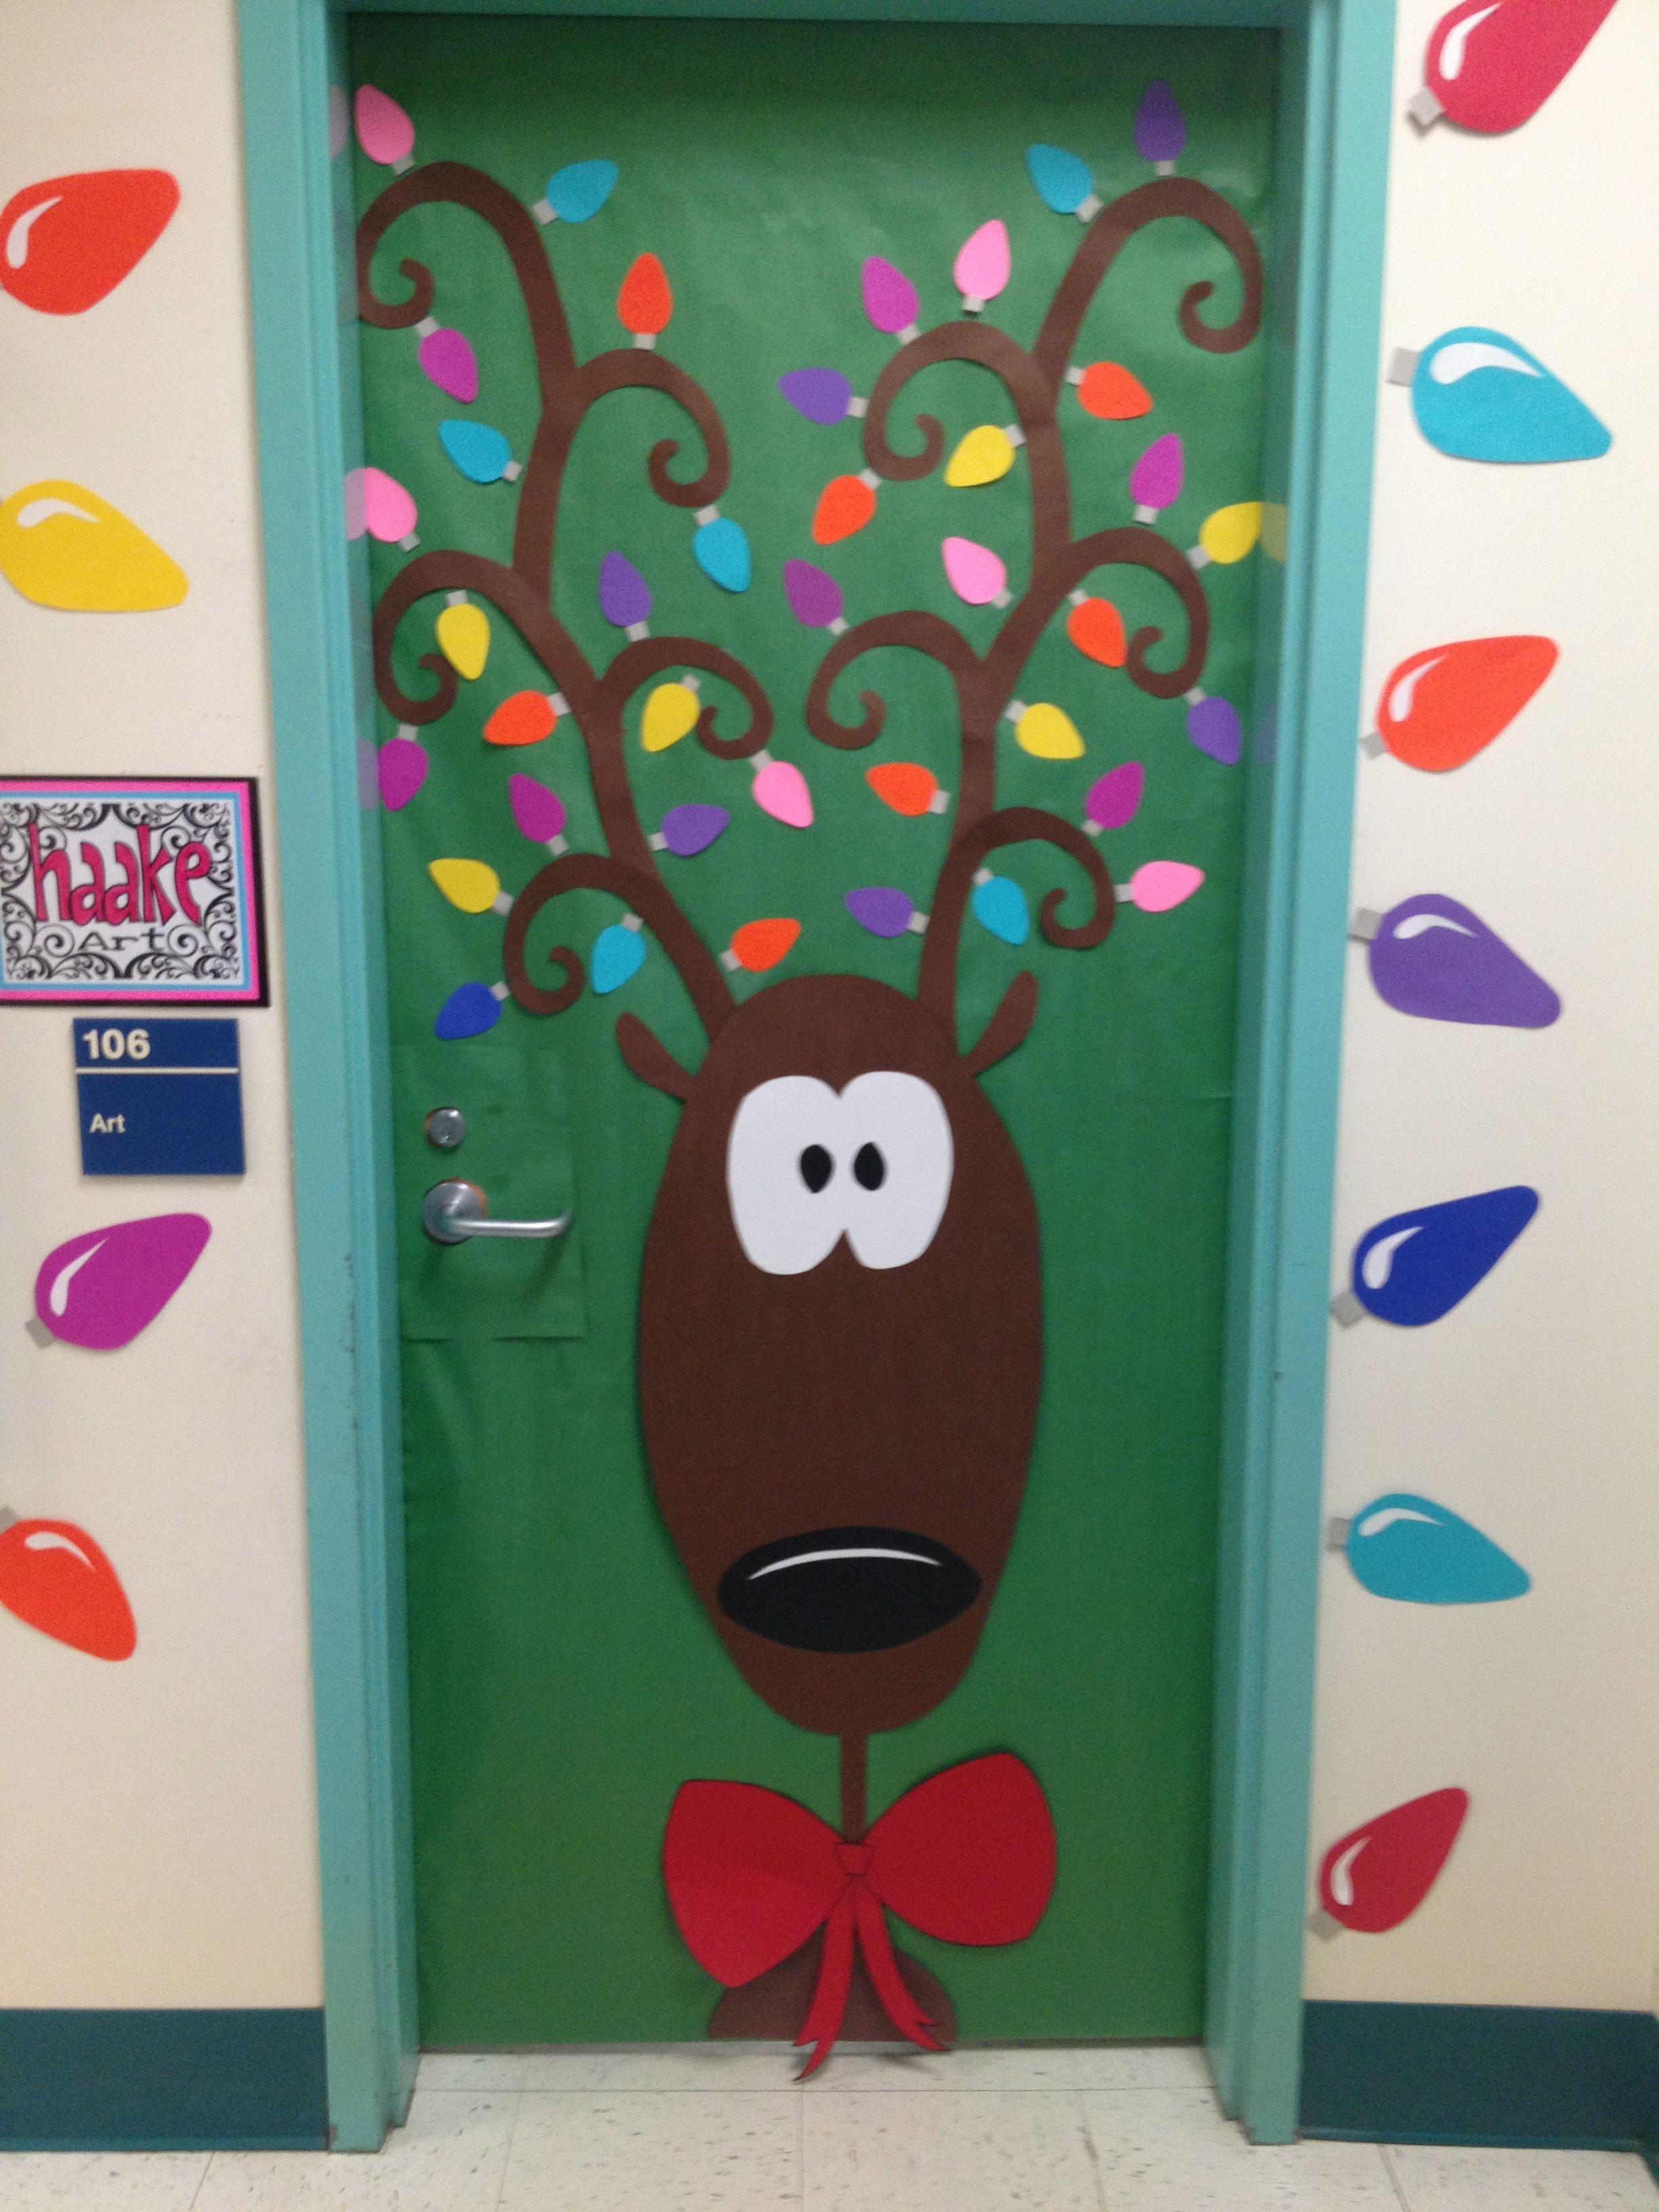 Christmas door decorations reindeer - Bulletin Boards Classroom Doors And Part 3 Christmas Door Decorationschristmas